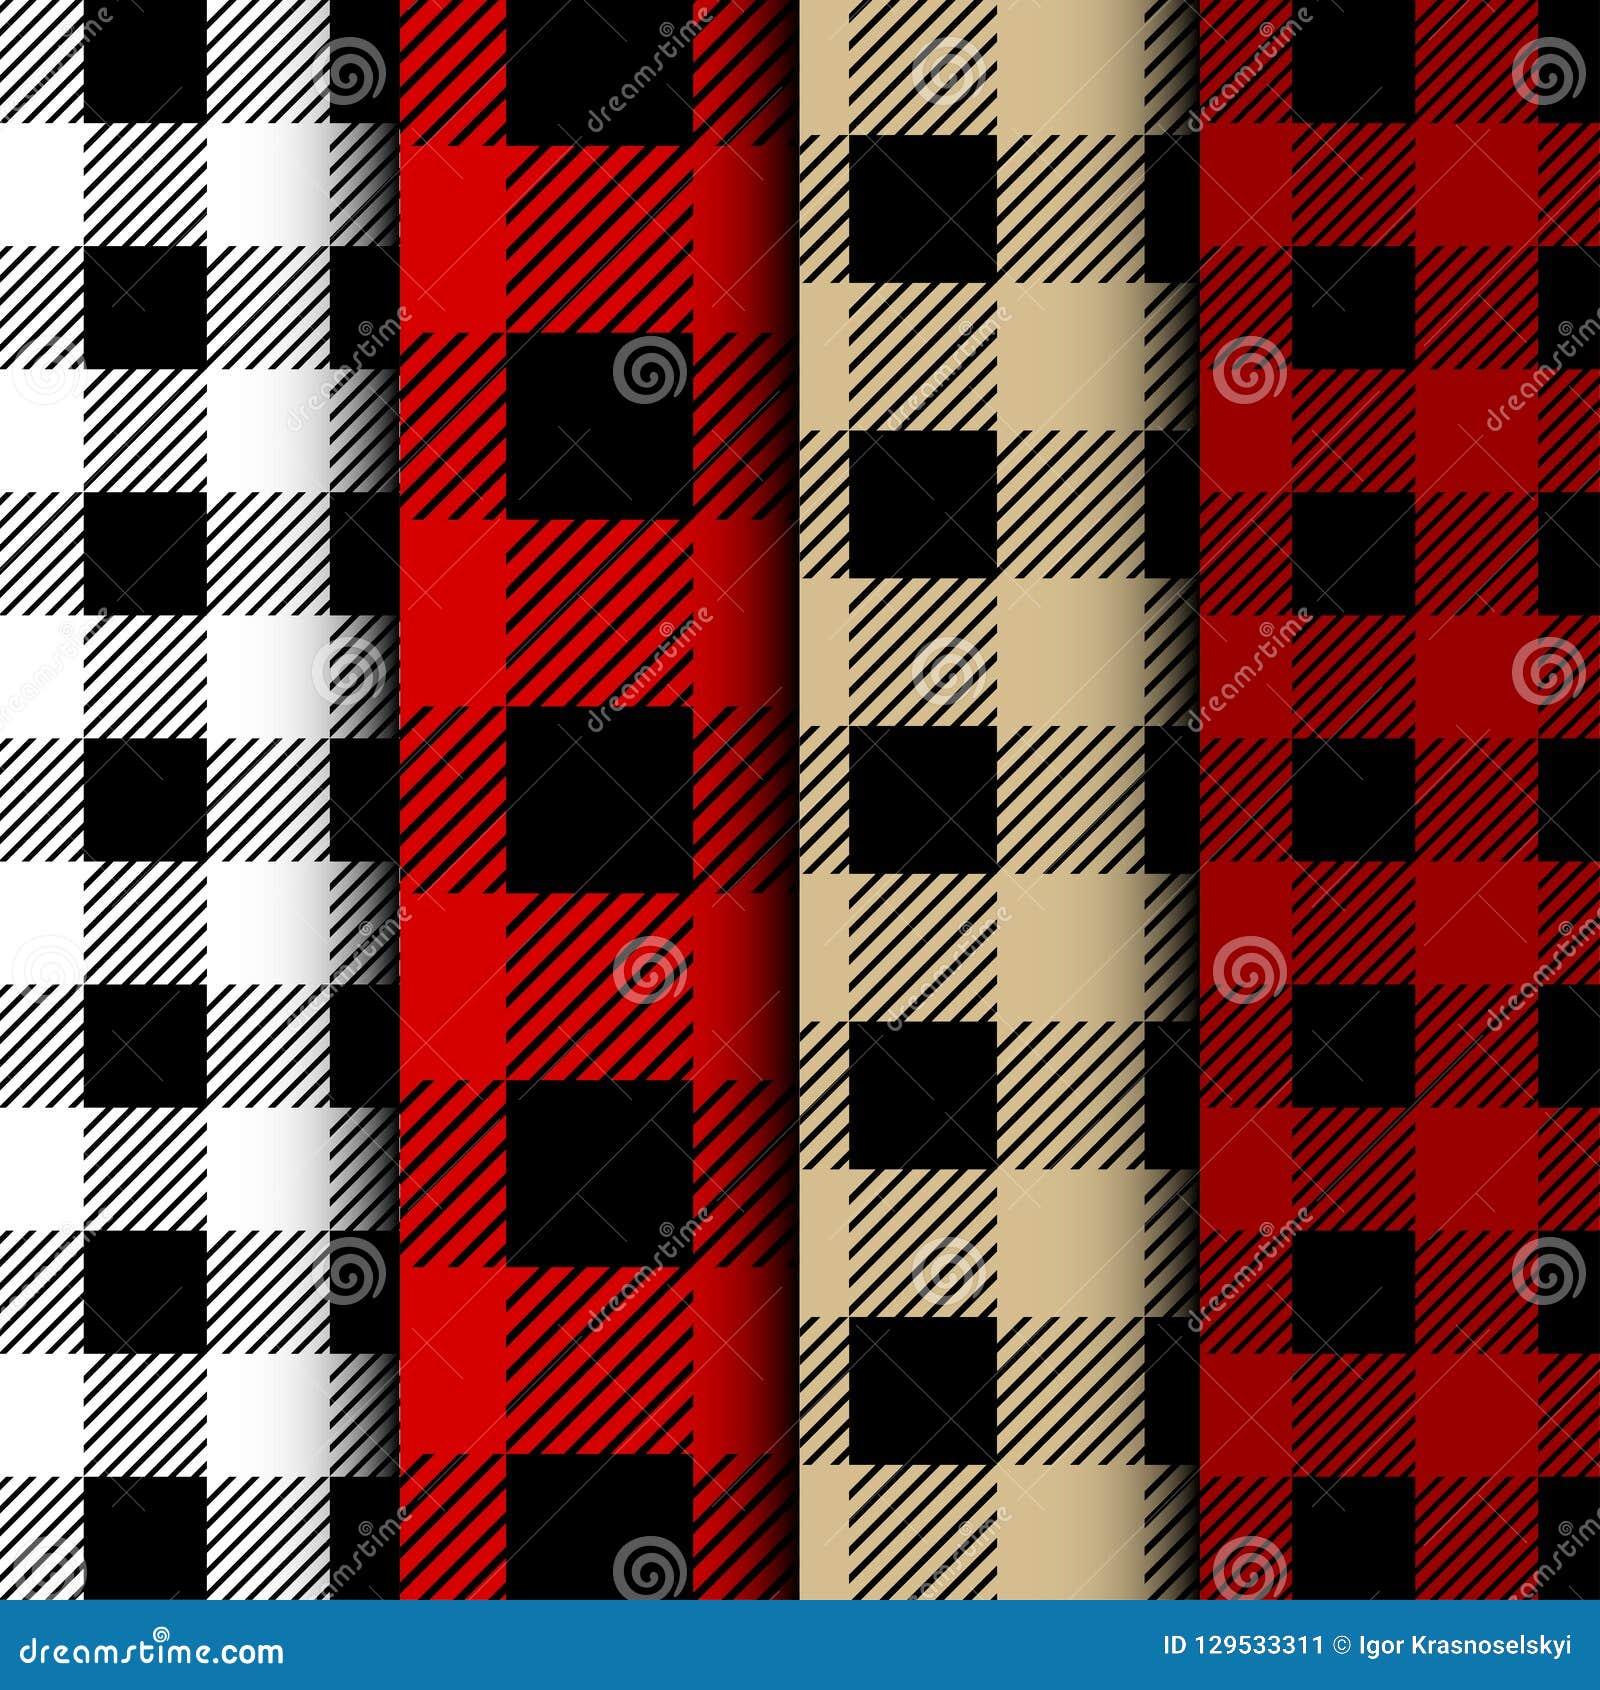 Set of Lumberjack Buffalo Plaid Seamless Pattern. Red and Black Lumberjack